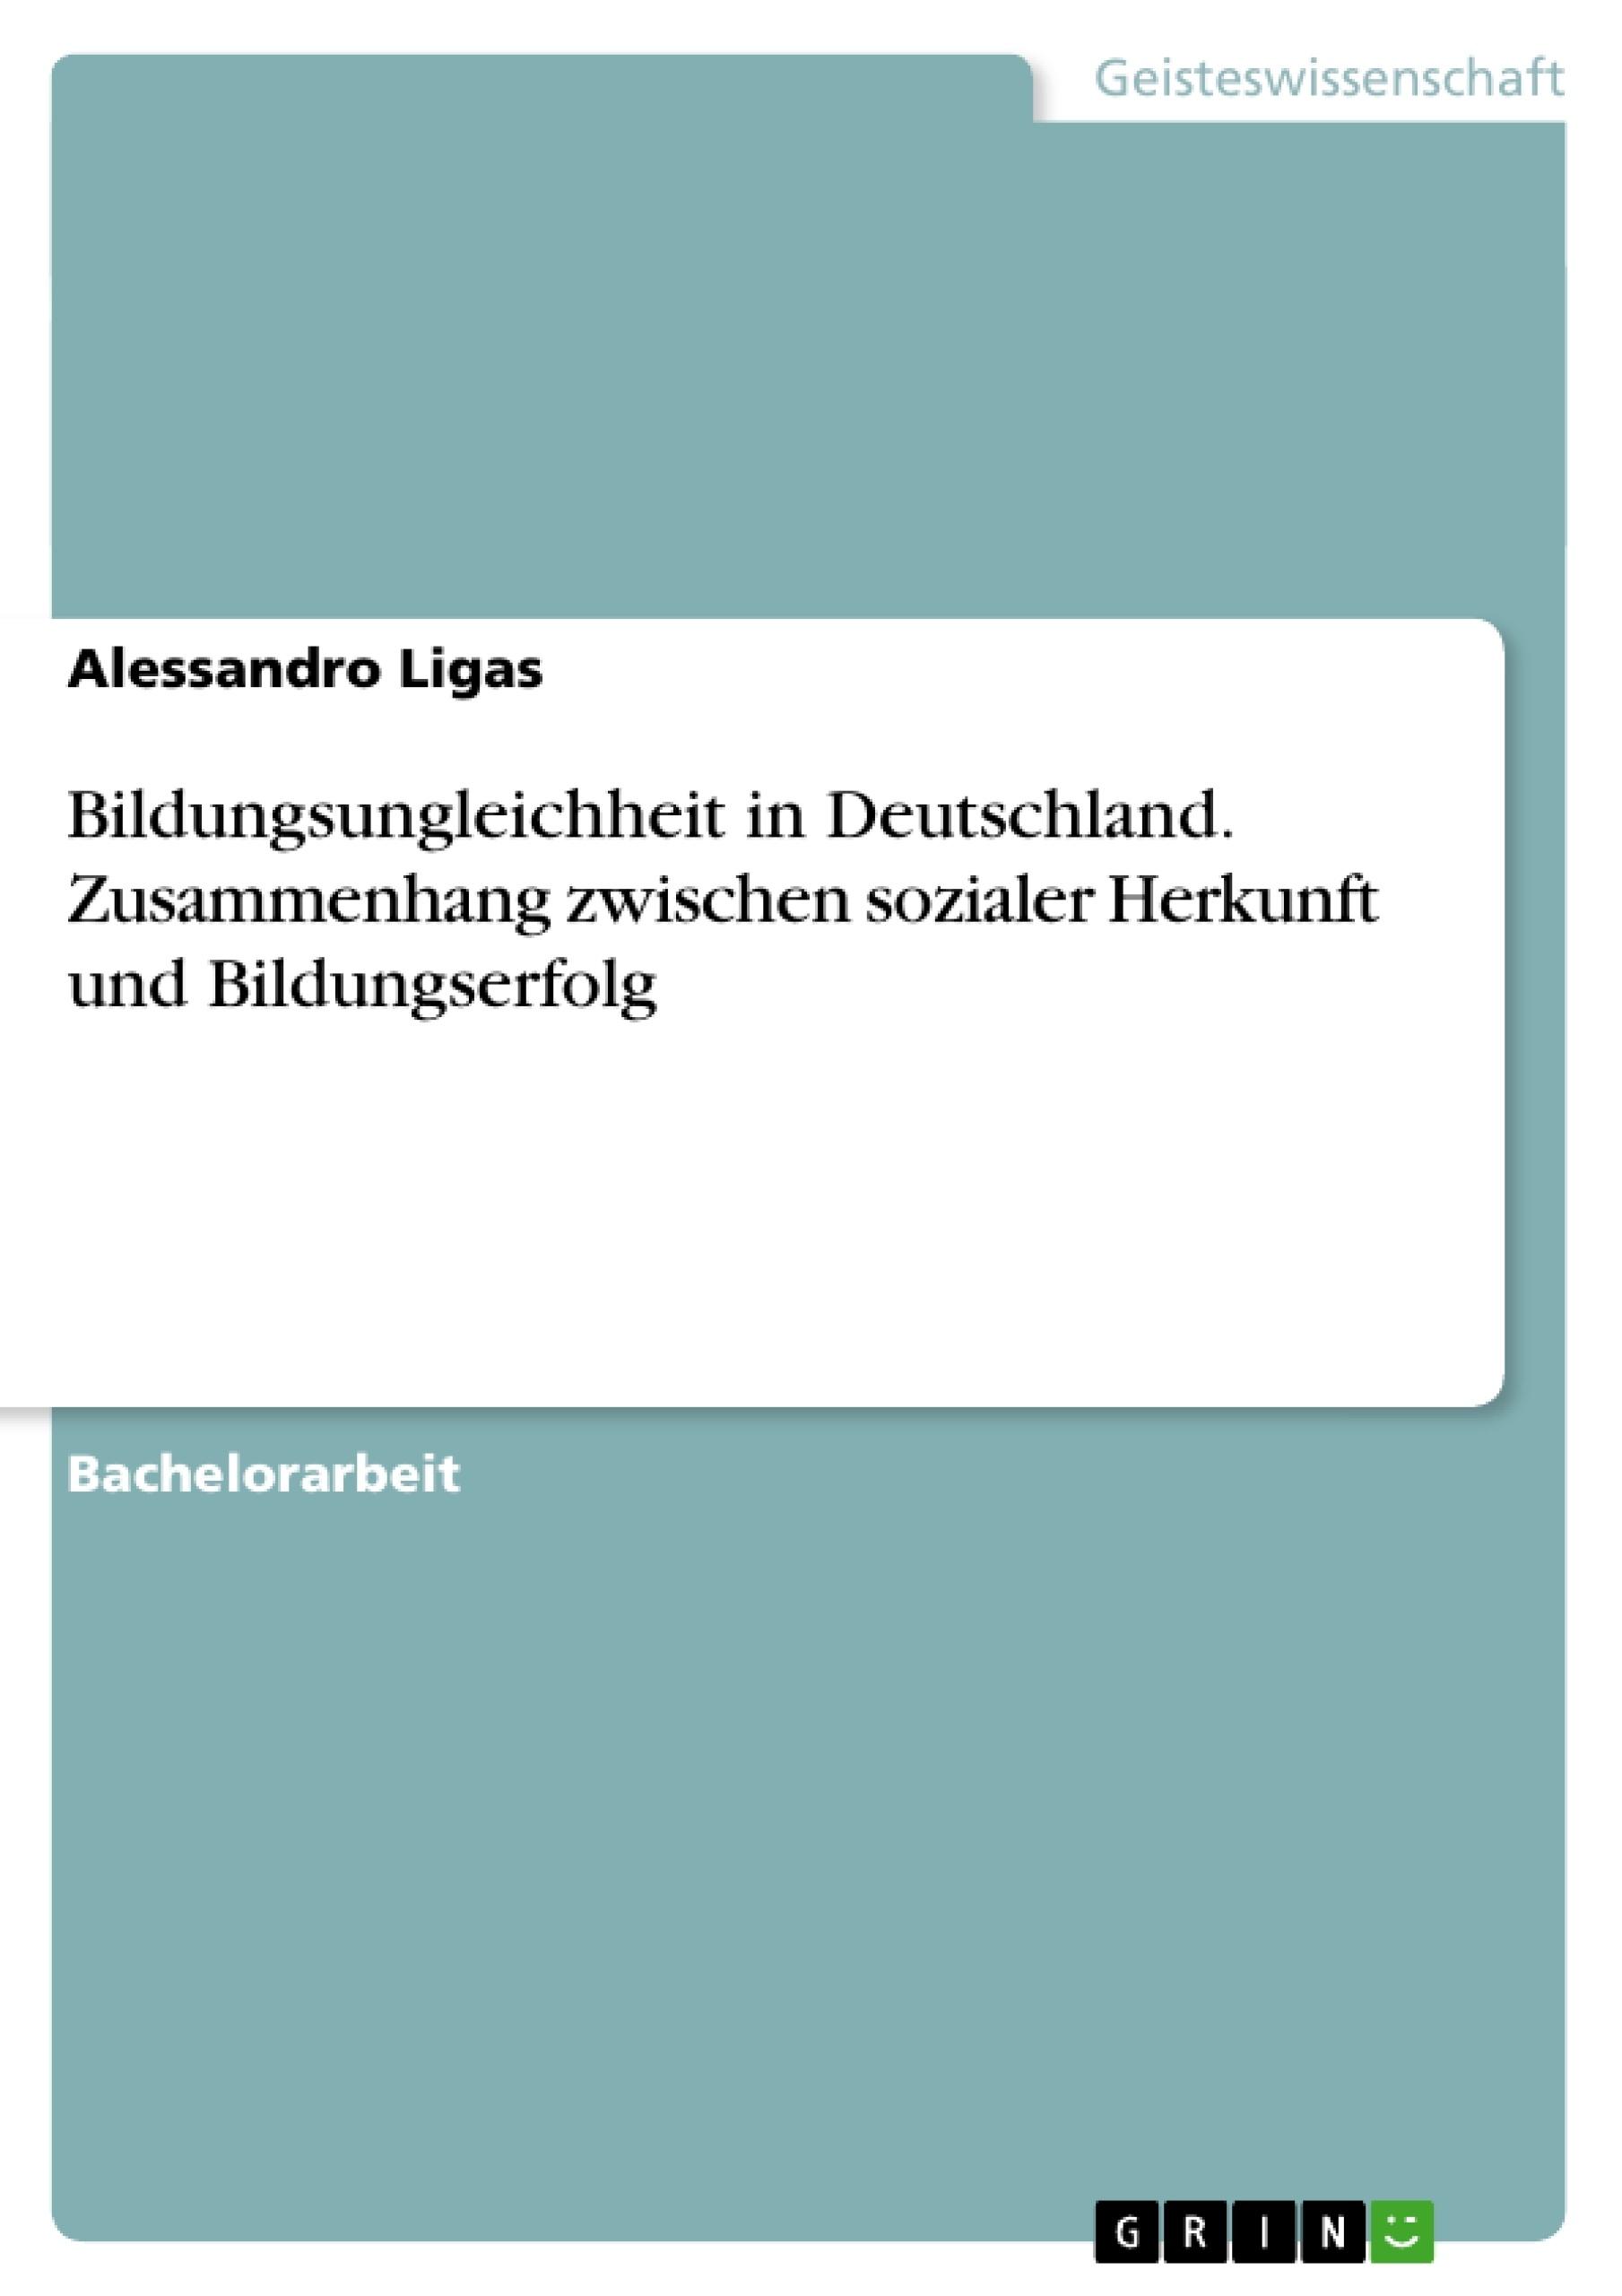 Titel: Bildungsungleichheit in Deutschland. Zusammenhang zwischen sozialer Herkunft und Bildungserfolg